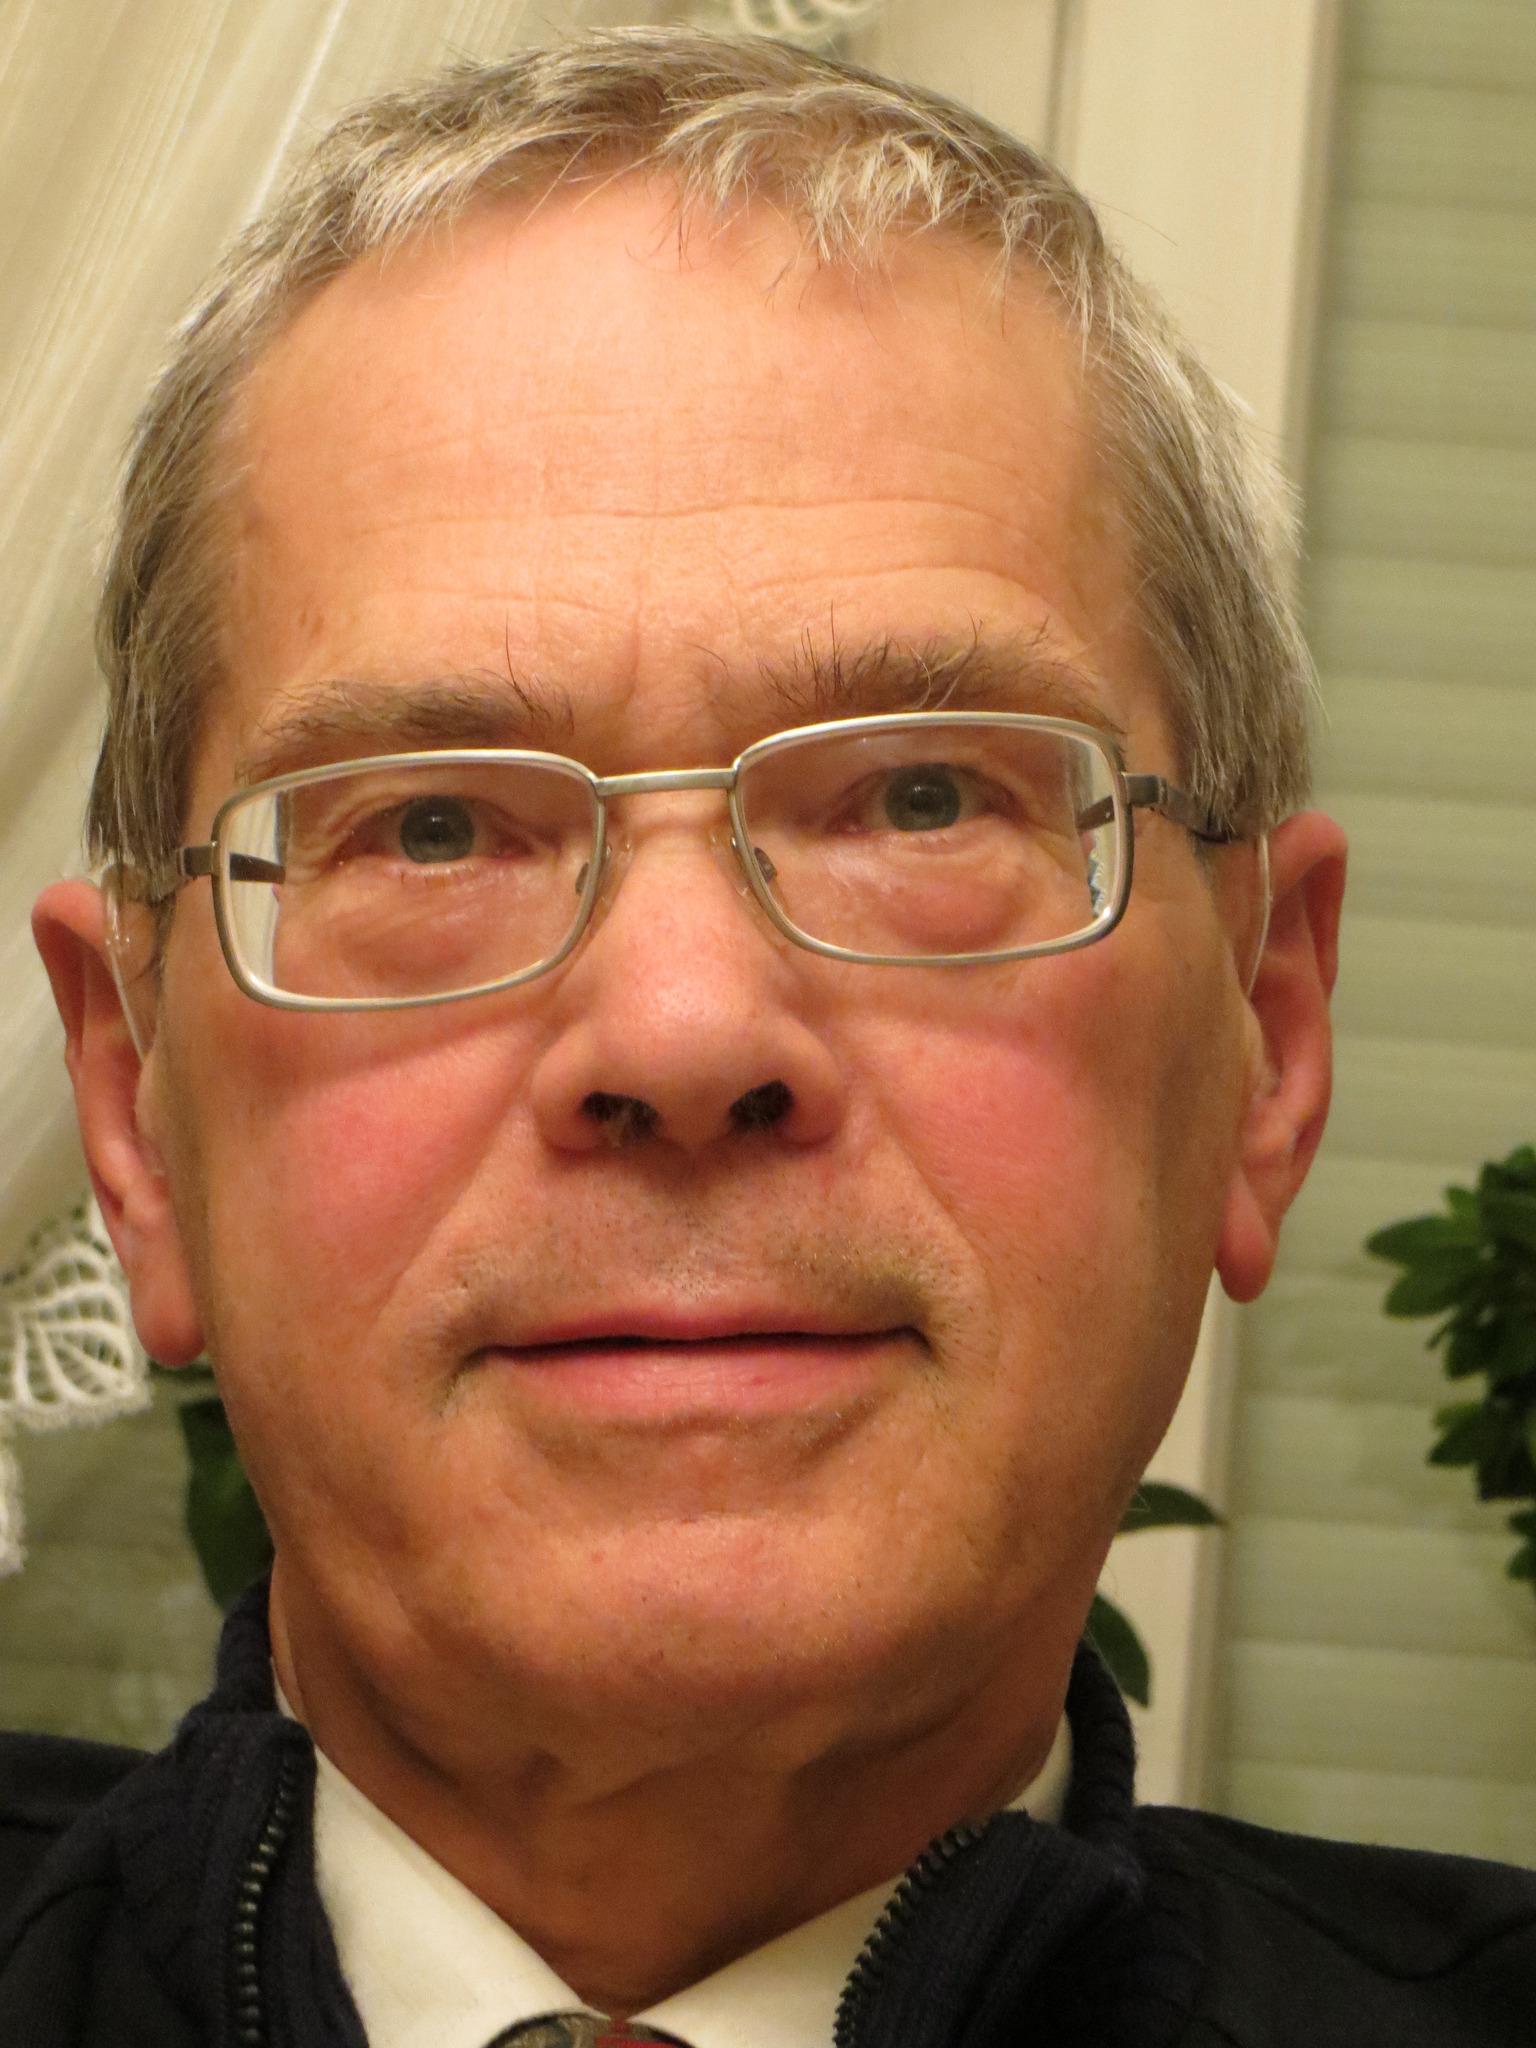 Martin Schaal